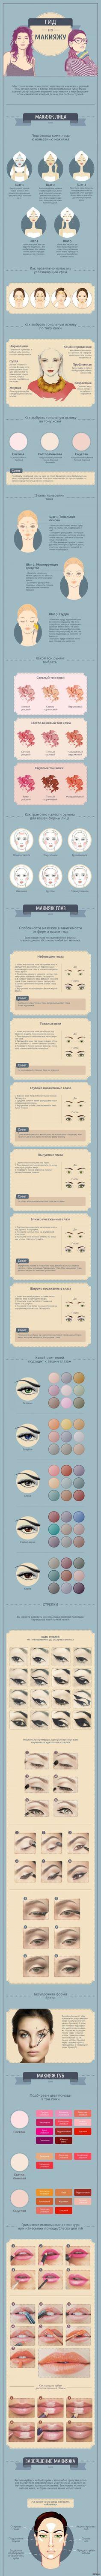 Гид по макияжу длиннопост для женщин и девушек